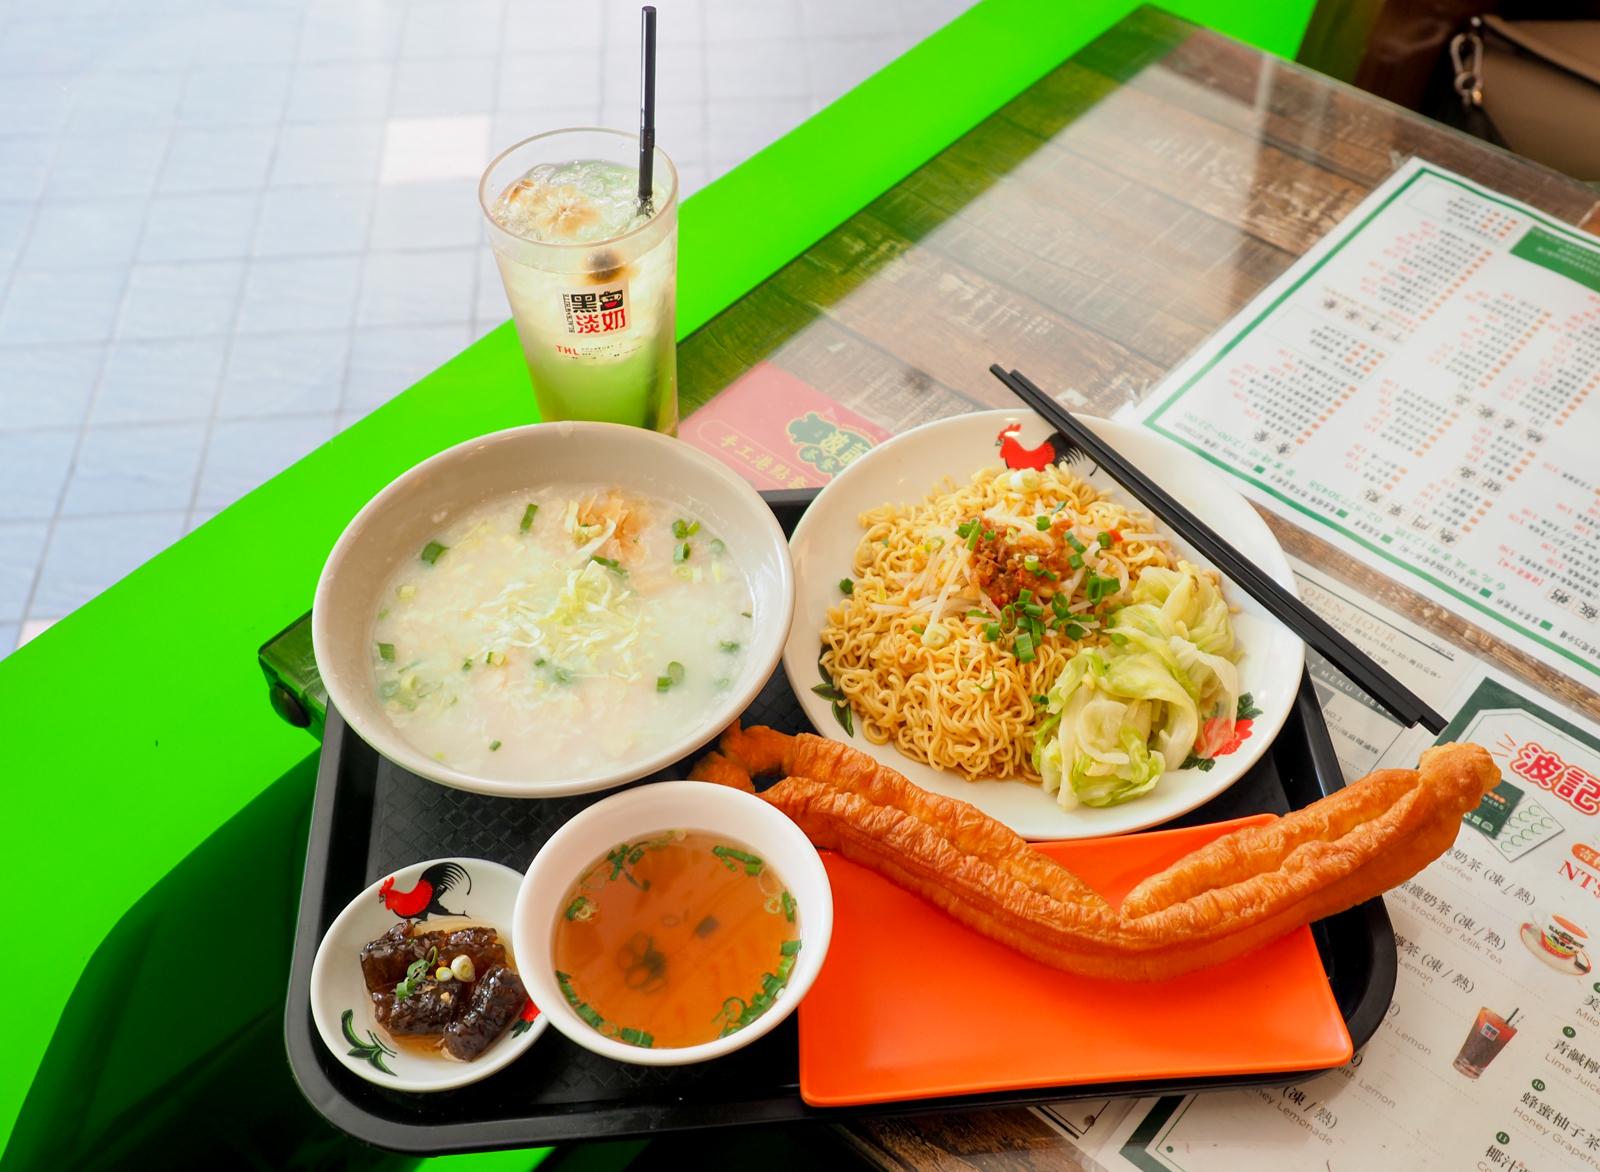 【東區美食】正統香港快餐看這裡 波記冰室套餐划算份量多  X.O醬撈麵超夠味!